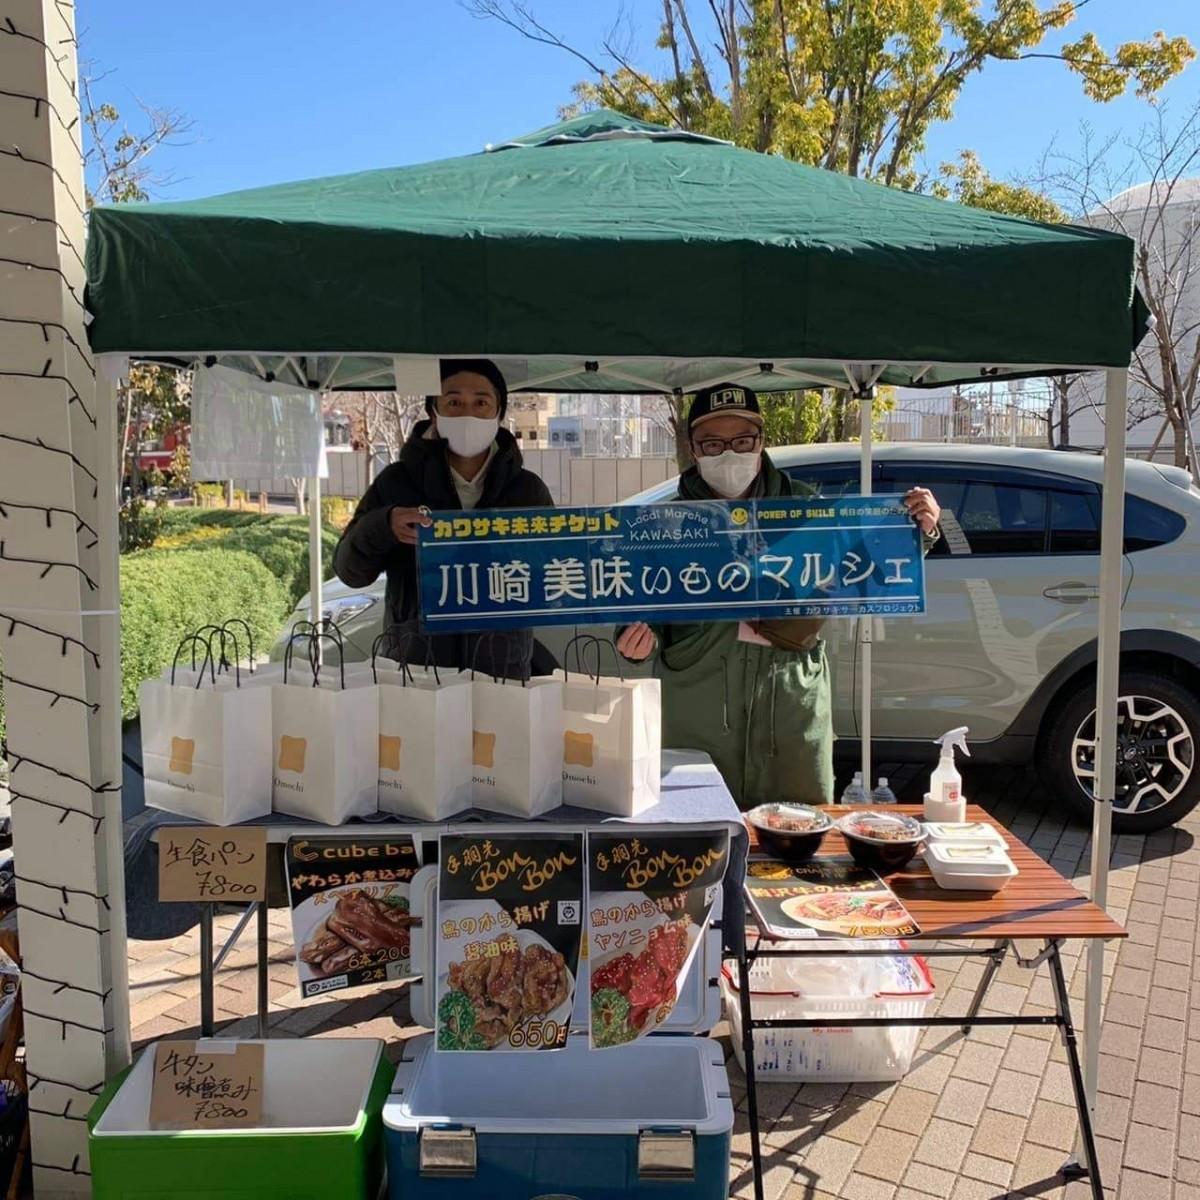 企画を支援したプロジェクトメンバーの荻原直也さん(右)